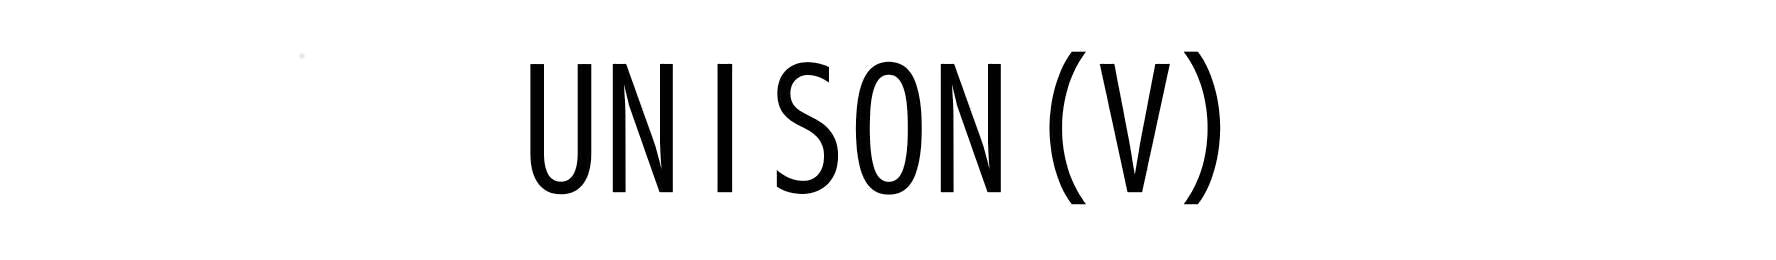 UNISON(V)【ユニゾンブレス】